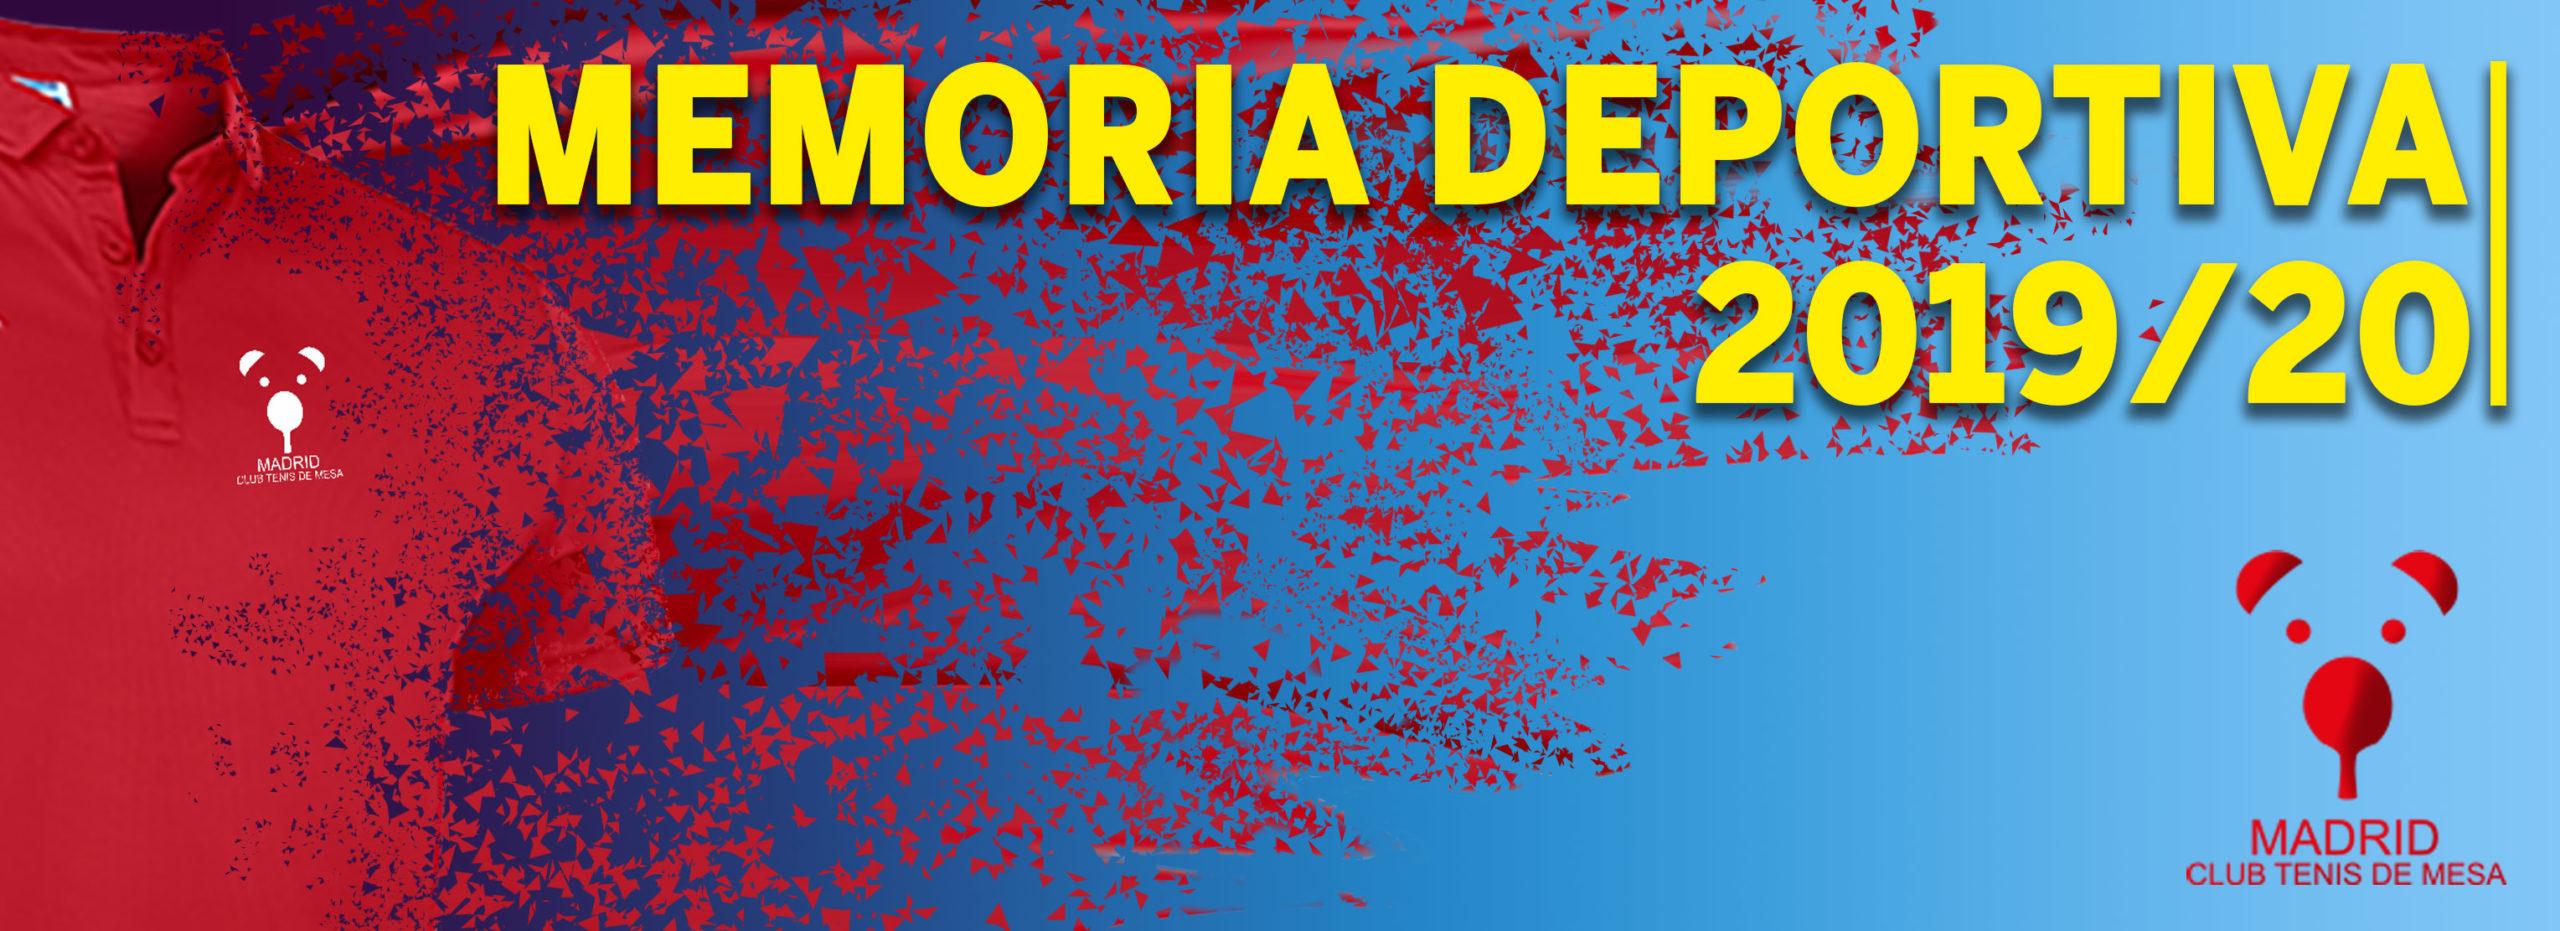 Memoria deportiva 2019/20